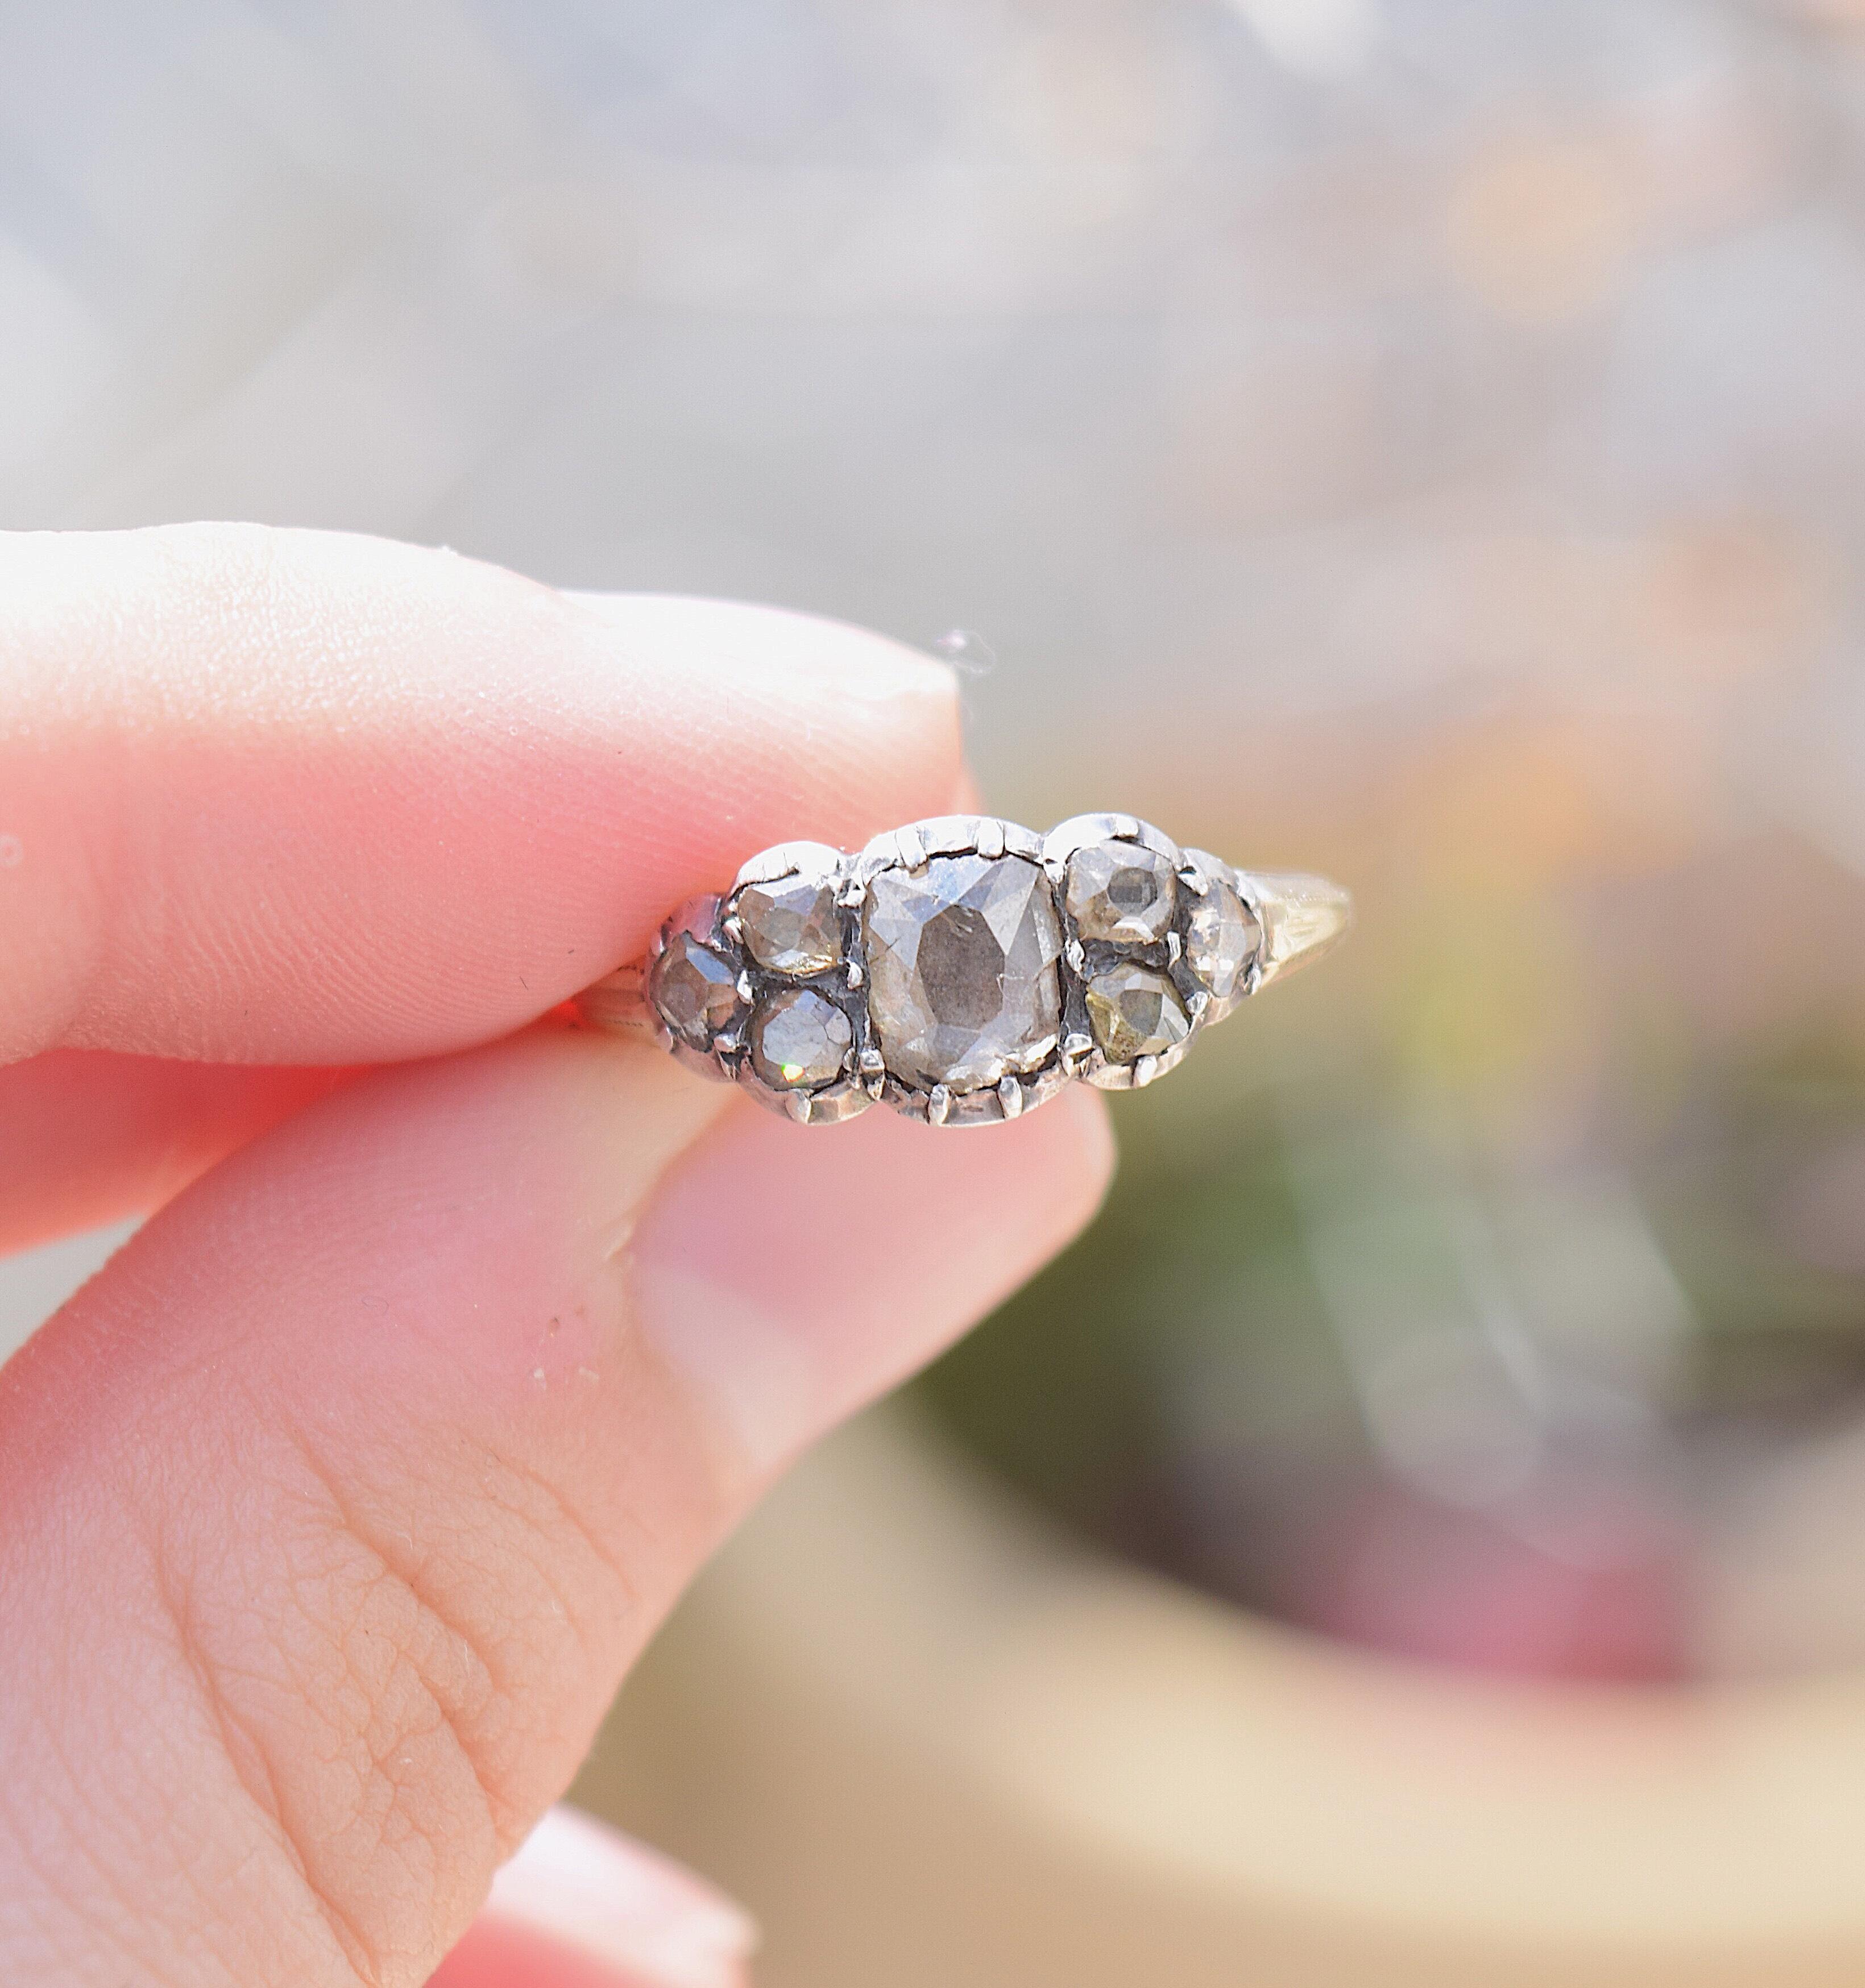 טבעת ג'ורג'יאנית עם יהלום מרכזי גדול ונוספים .